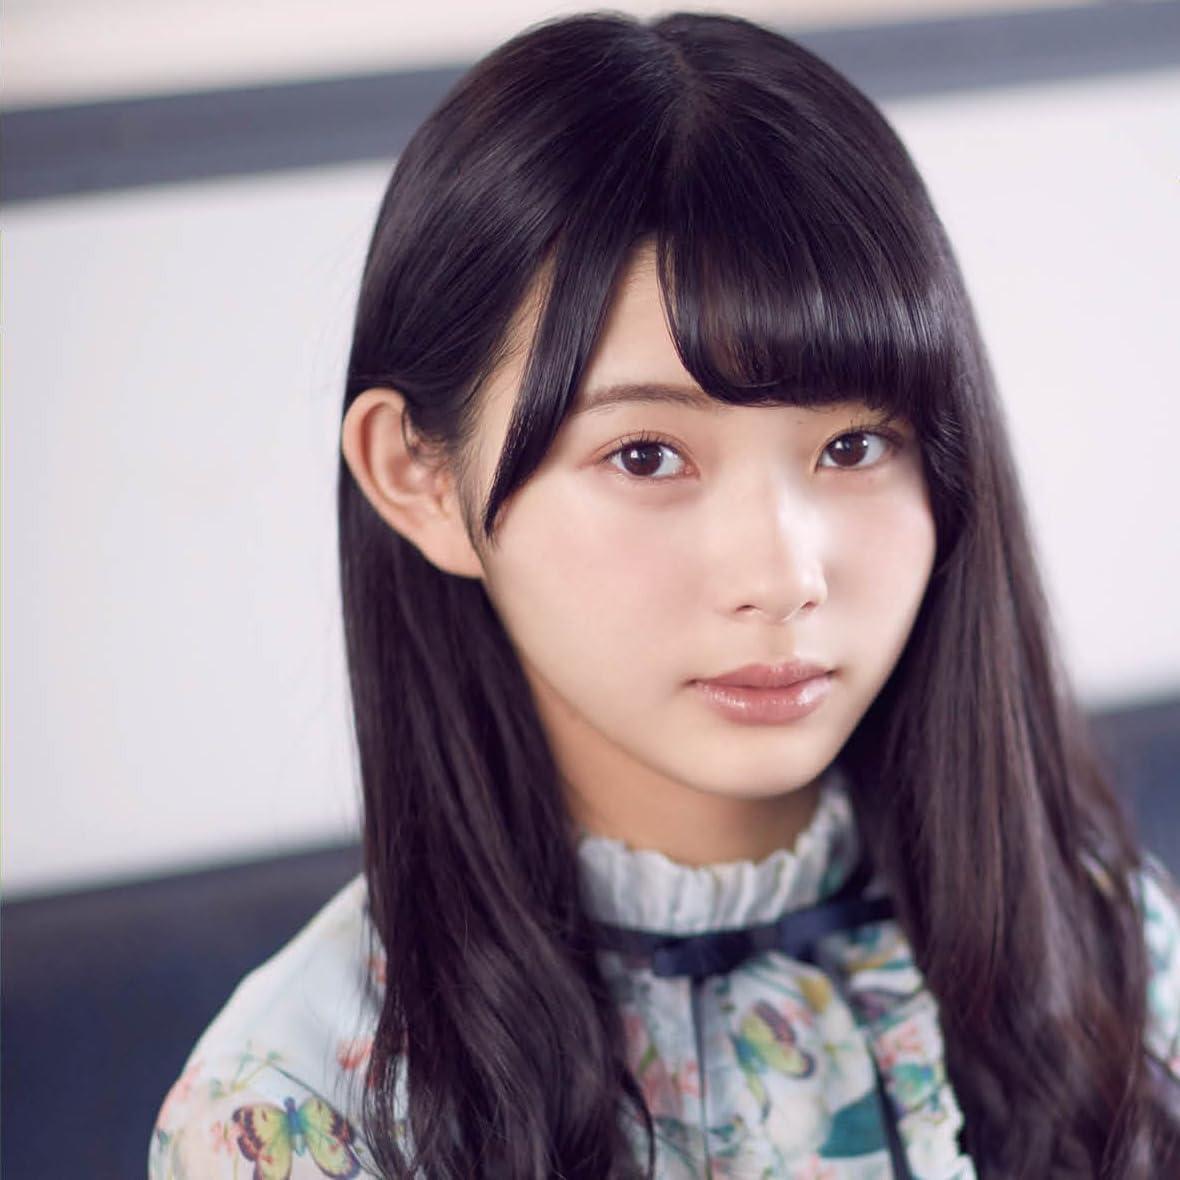 欅坂46 Ipad壁紙 柿崎芽実 女性タレント スマホ用画像77795